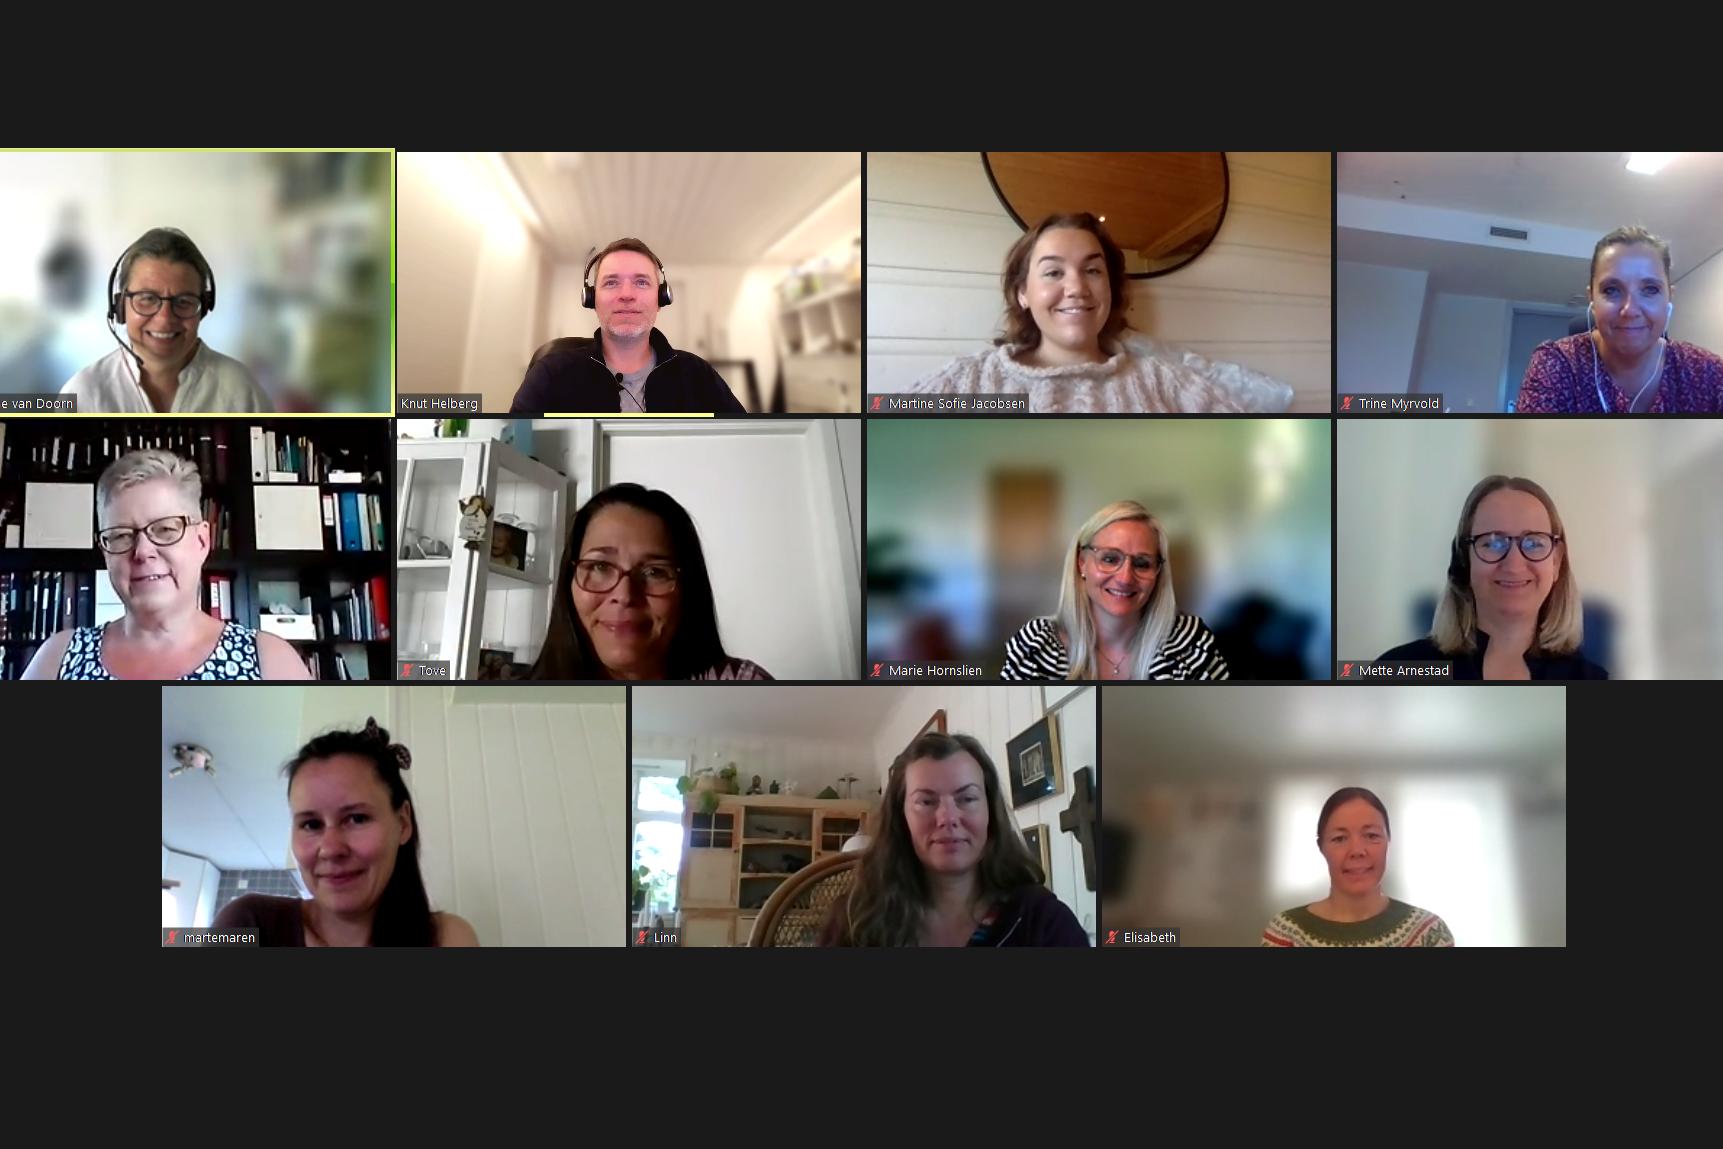 skjermdump av zoom videomøte som viser alle deltakere